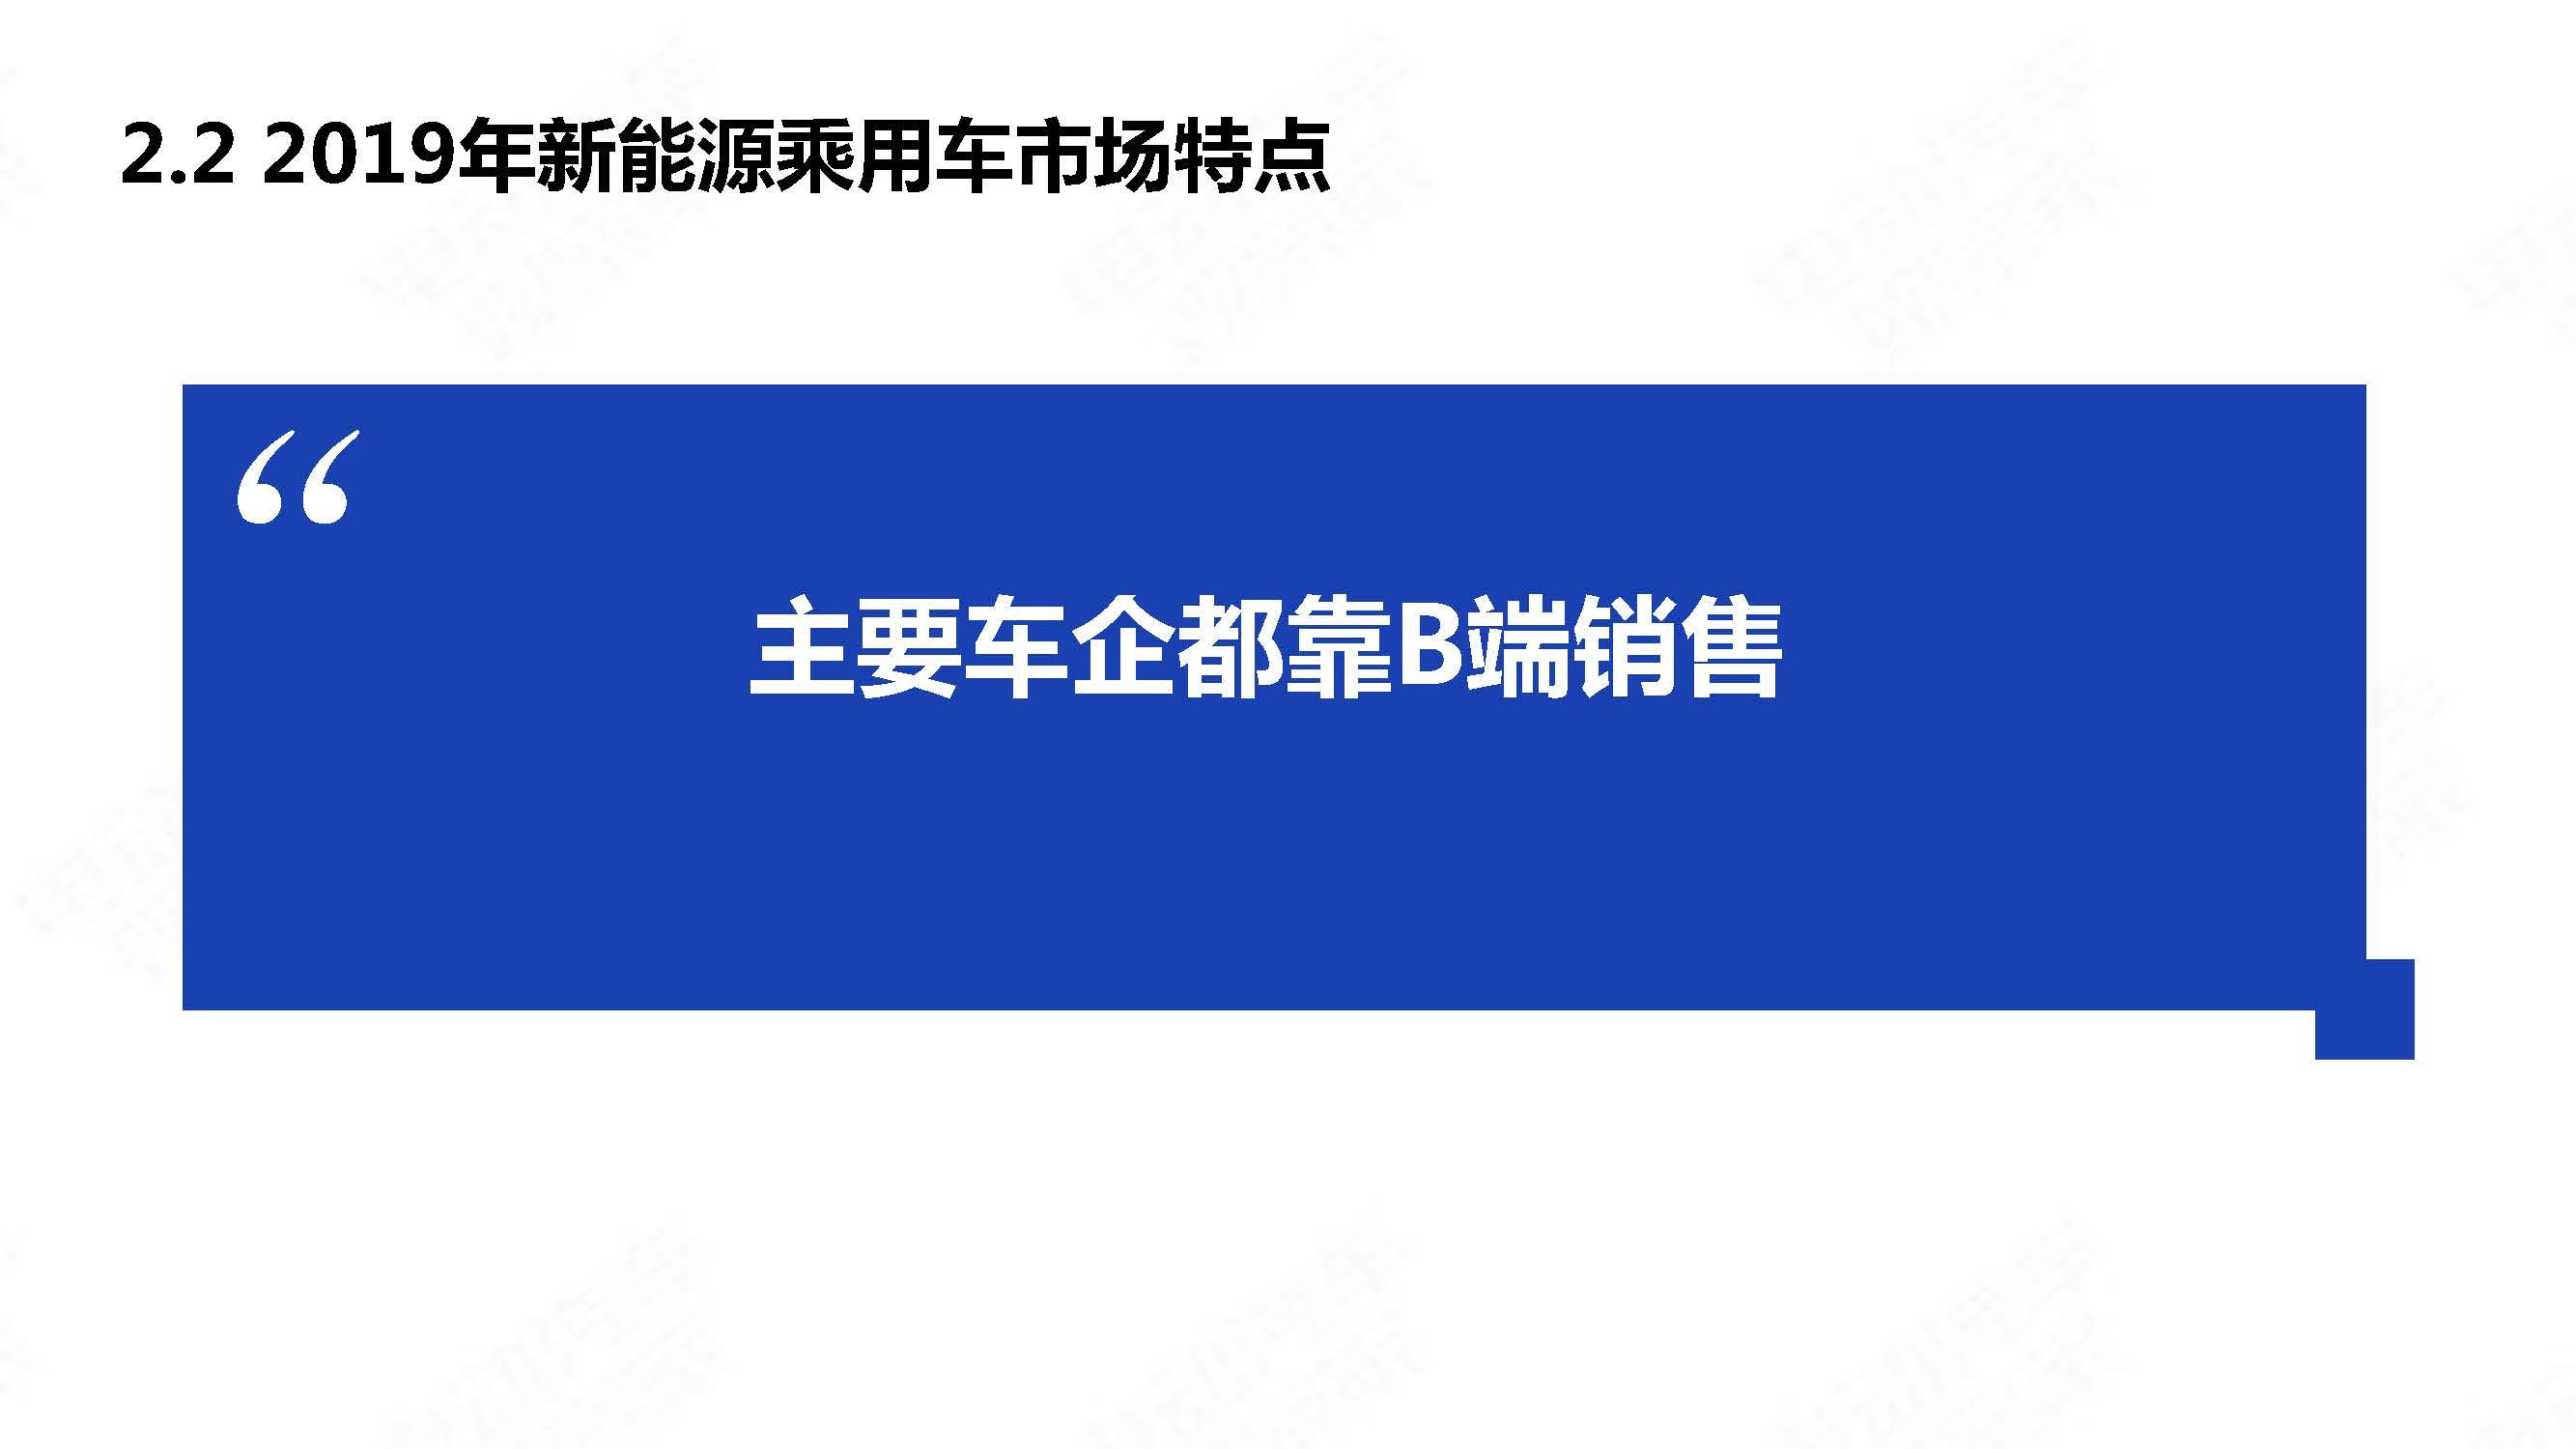 中国新能源汽车产业年度观察2020 简版_页面_17